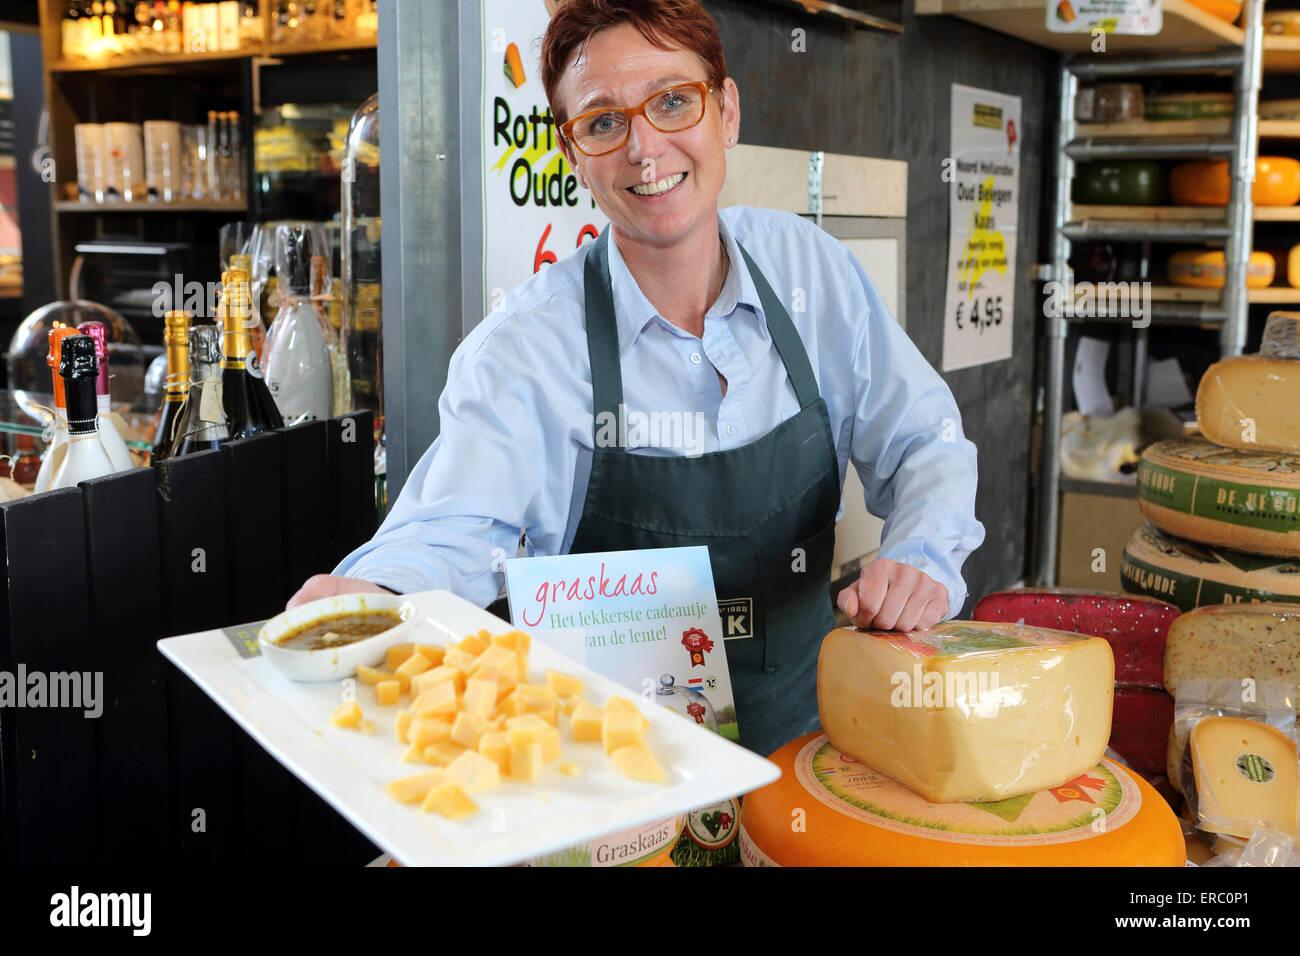 Un puesto titular ofrece una muestra de queso holandés cale en la Markthal en Rotterdam, Países Bajos. Imagen De Stock